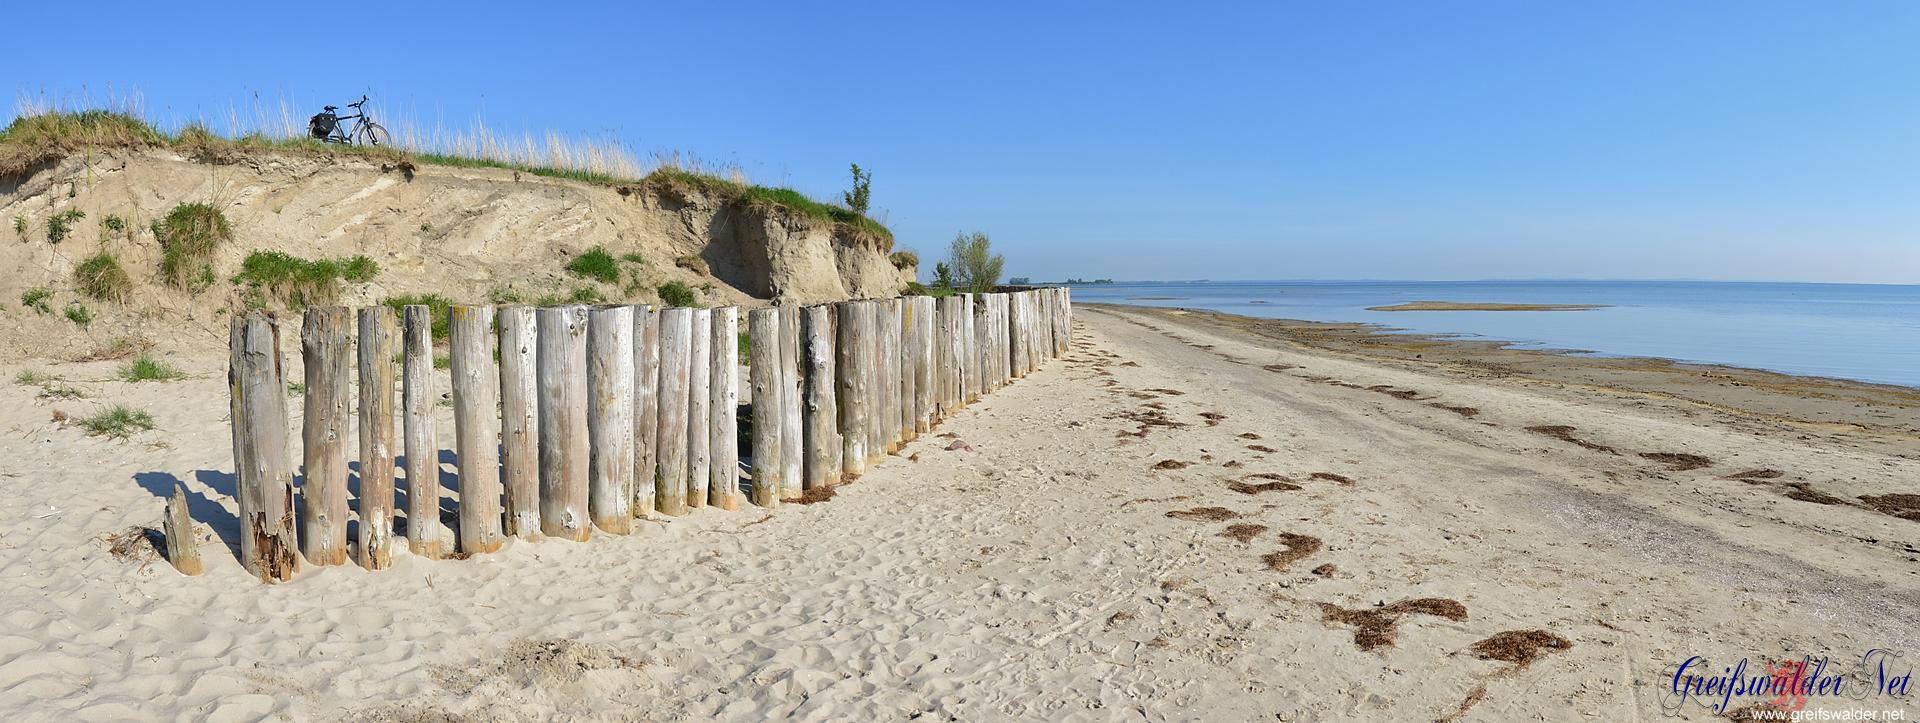 Strand in Wampen